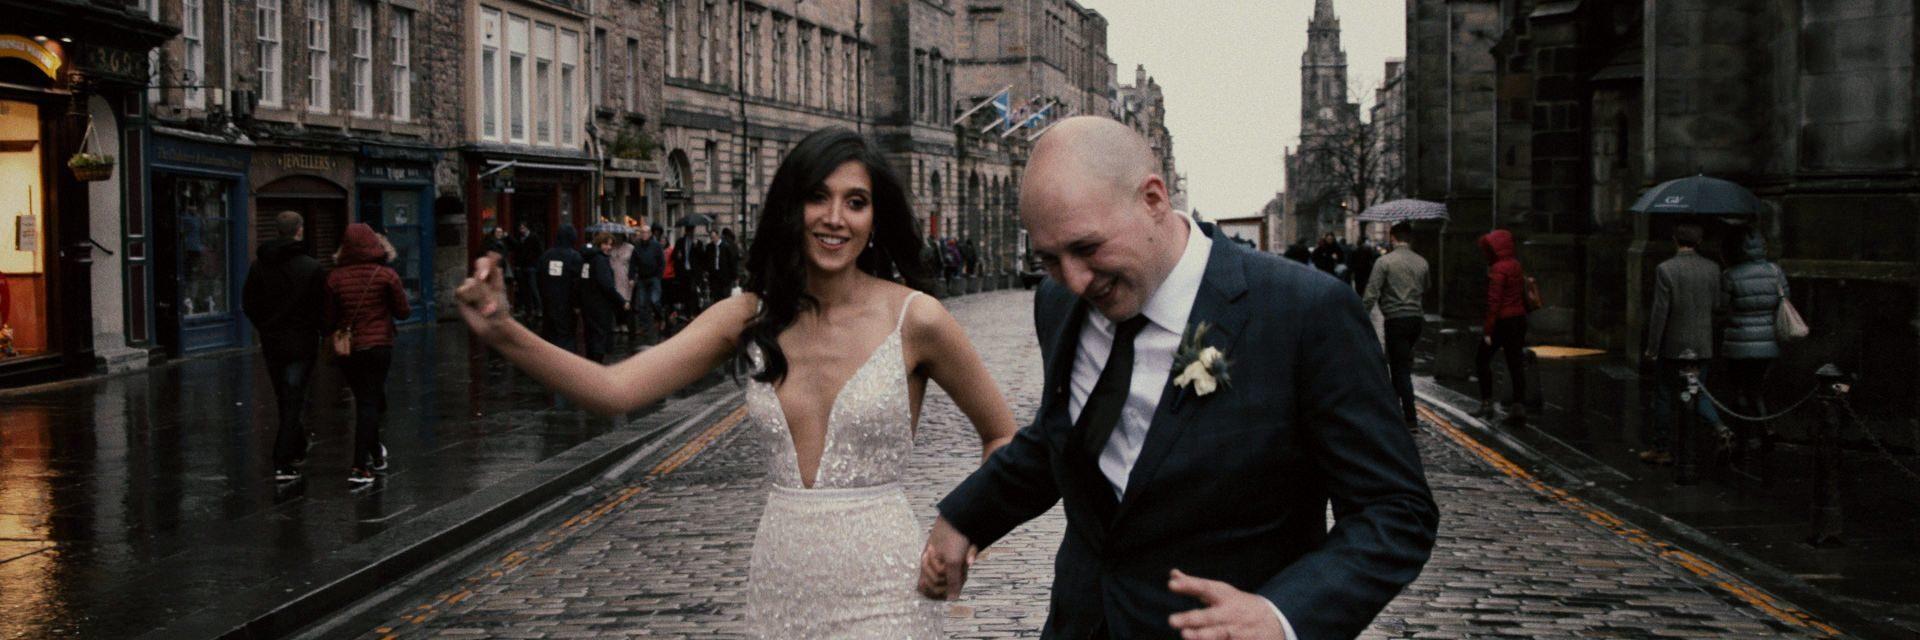 Bordeaux-wedding-videographer-cinemate-films-04